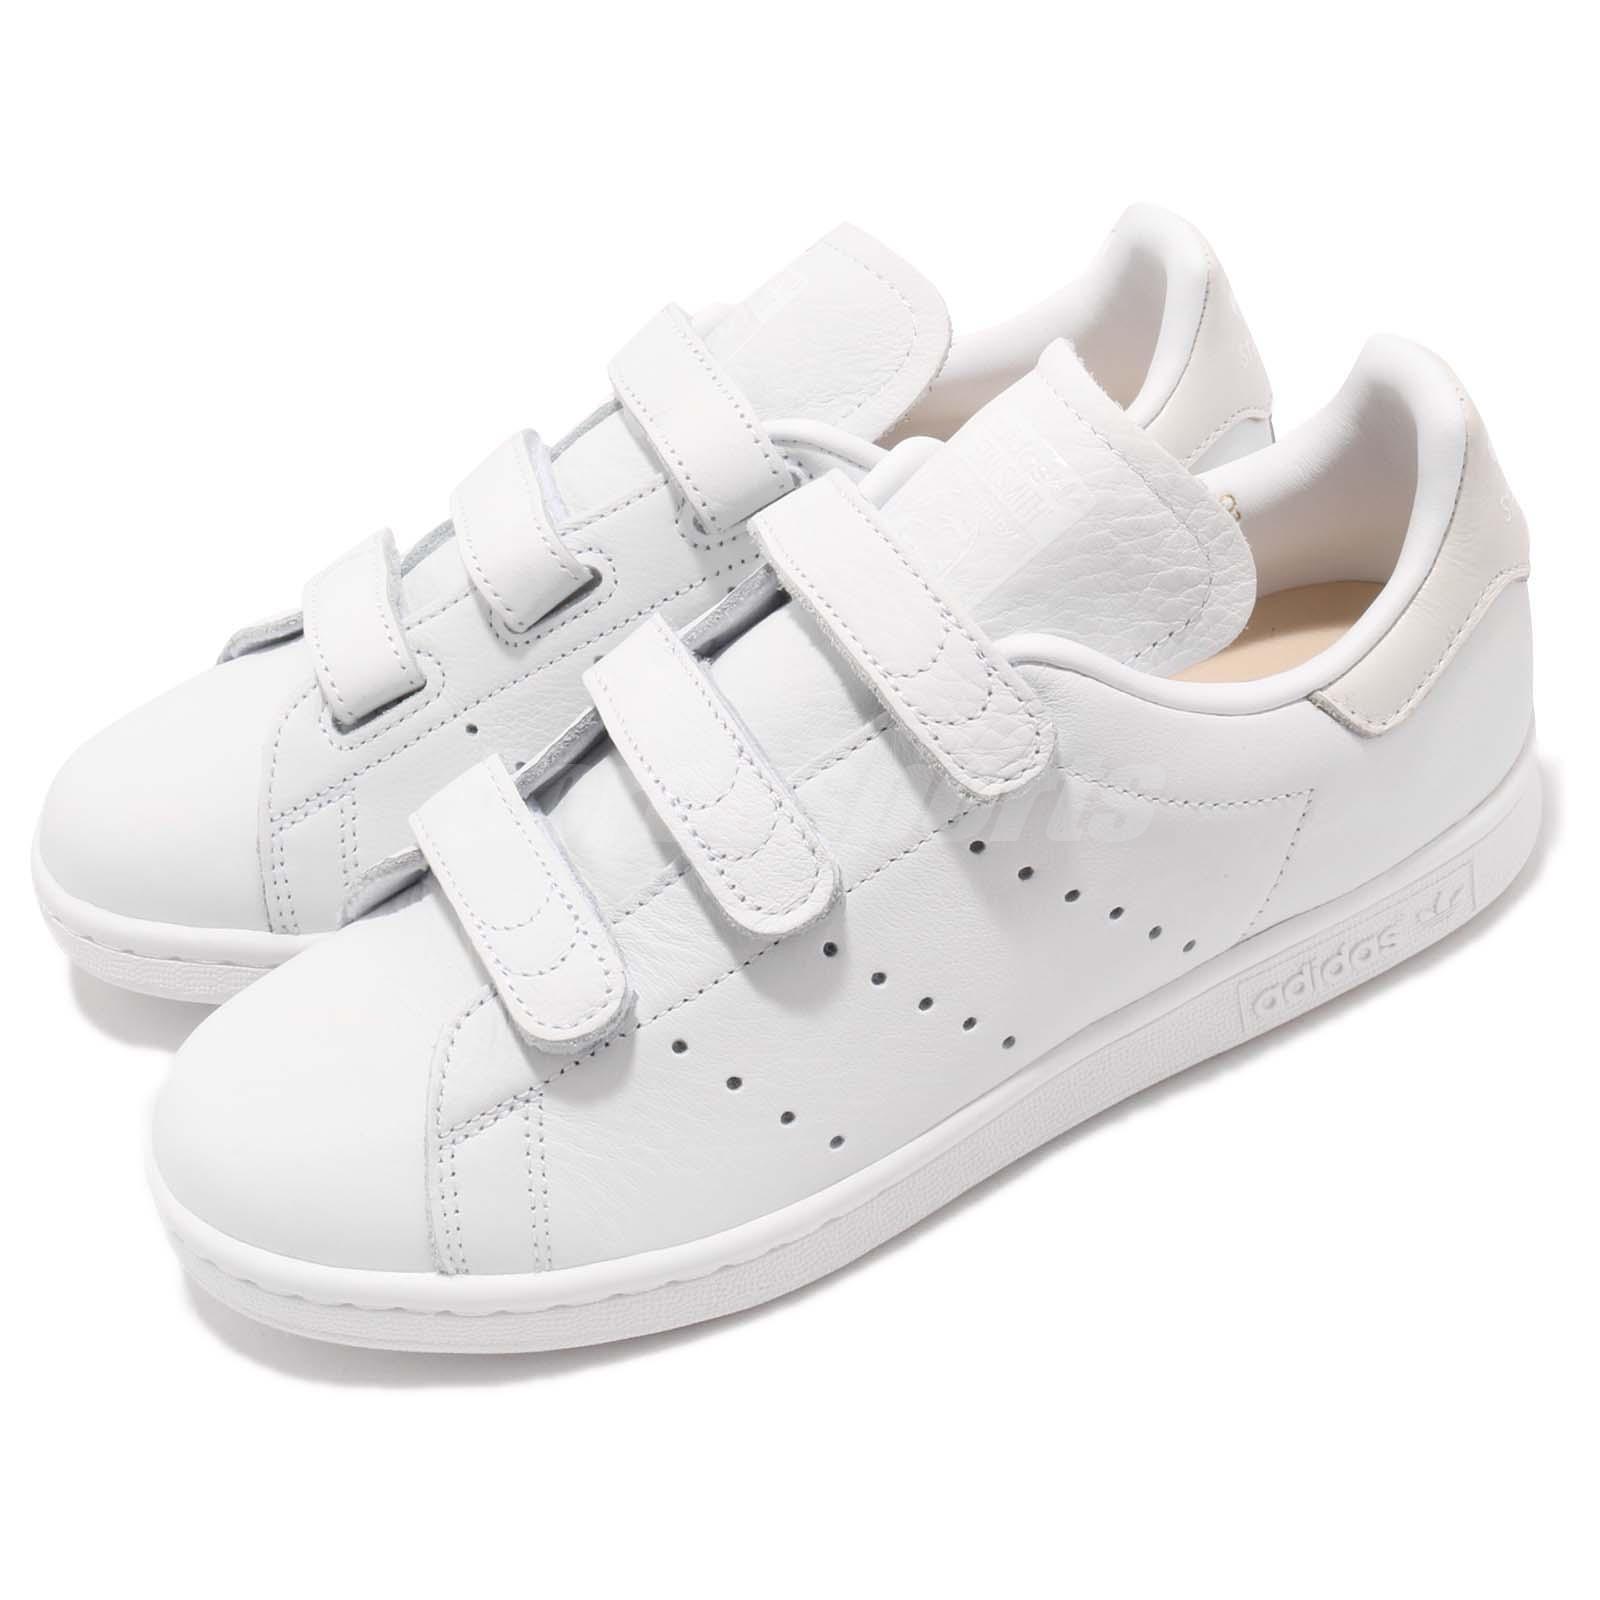 Details about adidas Originals Stan Smith CF Straps Cloud White Men Women Shoes Sneaker CQ2632